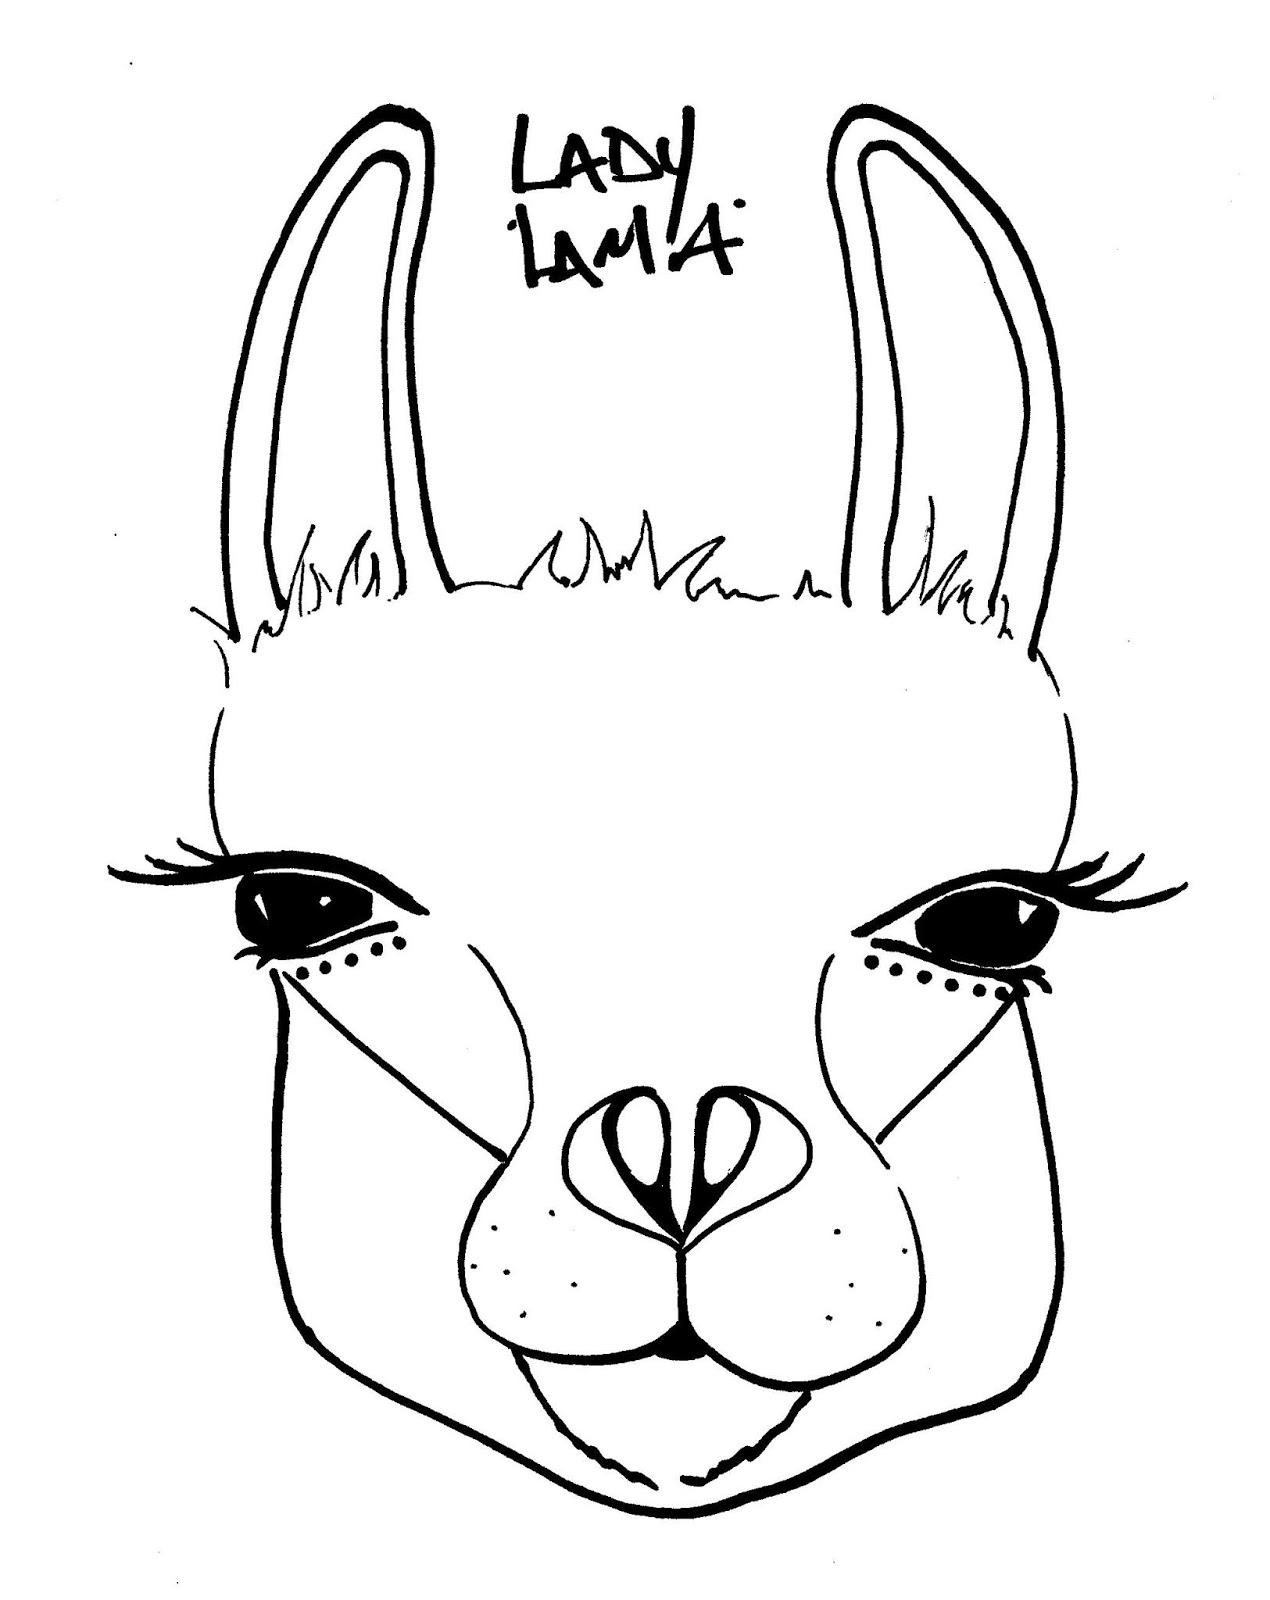 La boite à idées de l' atelier 3B* * *: Lady lama